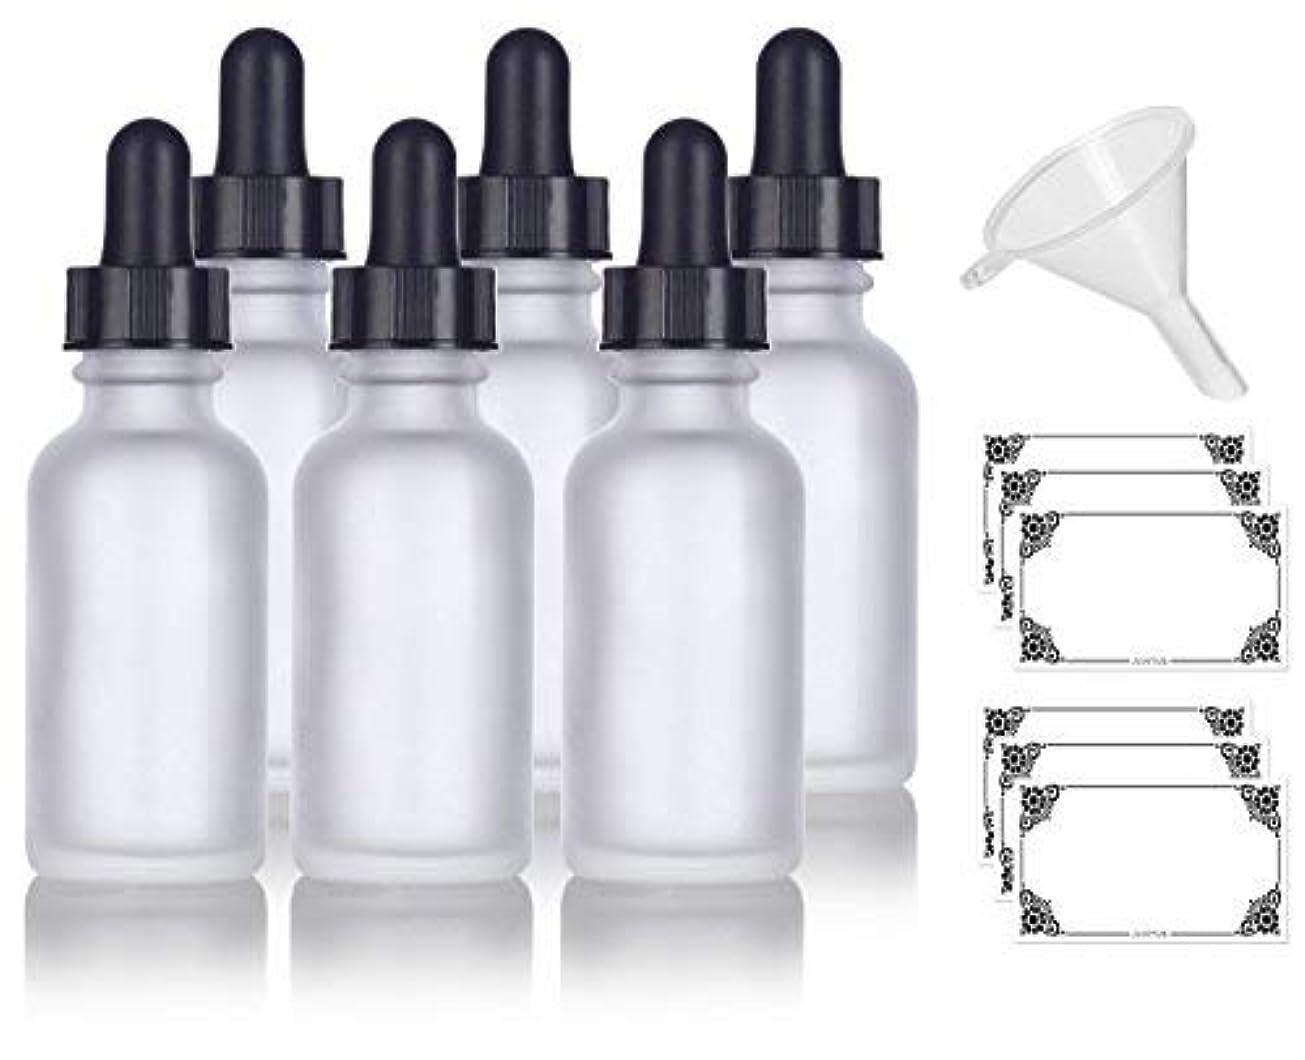 送金均等にロケット1 oz Frosted Clear Glass Boston Round Dropper Bottle (6 pack) + Funnel and Labels for cosmetics, serums, essential...